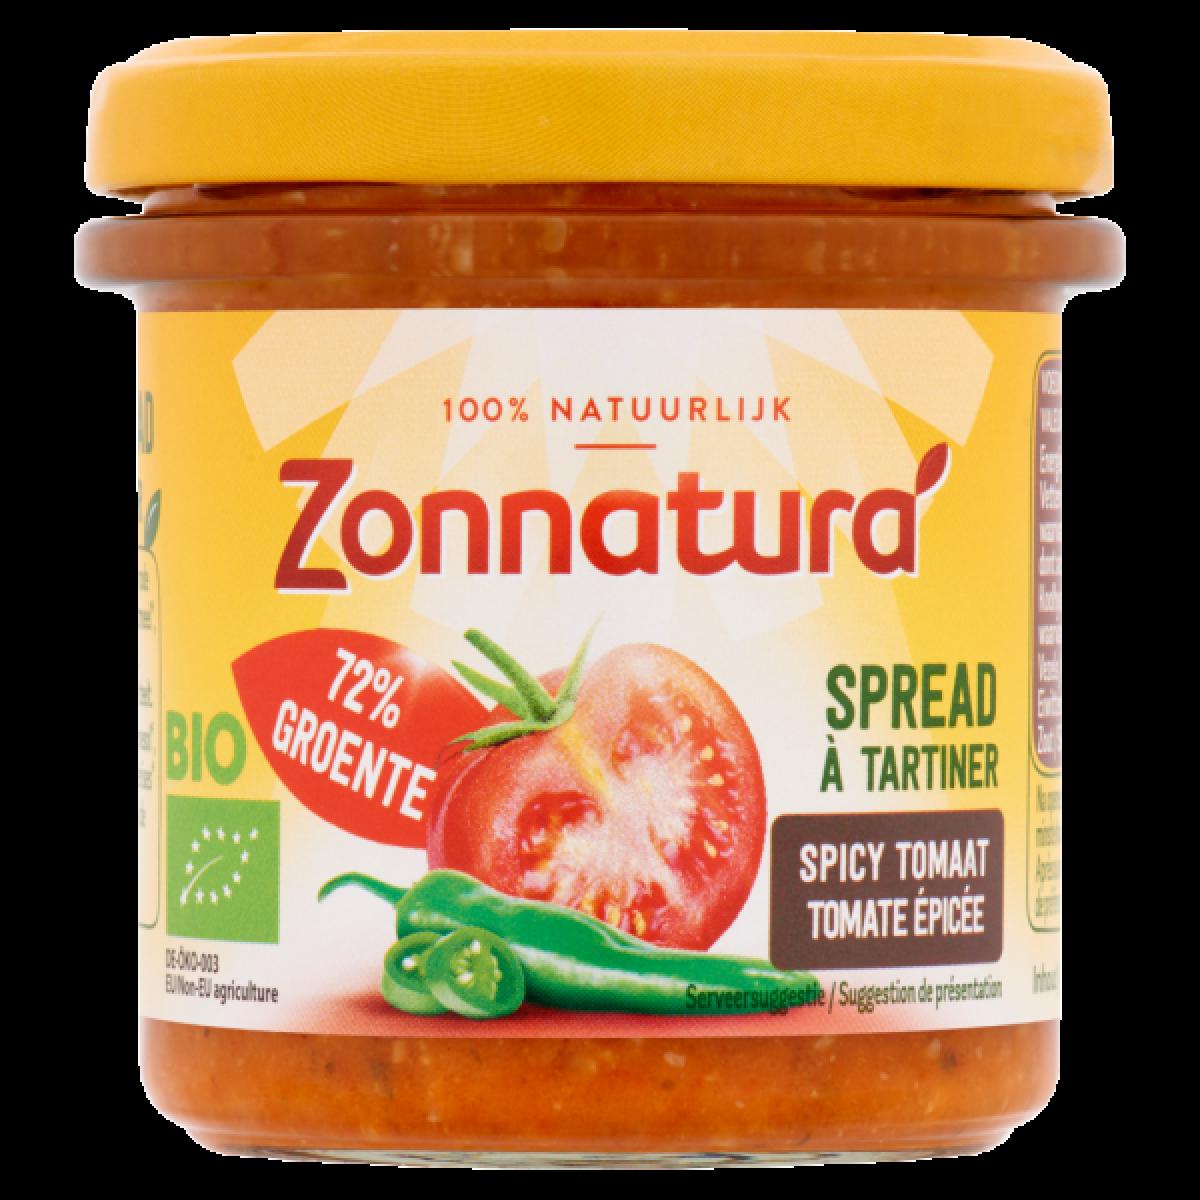 Groentespread Spicy Tomaat